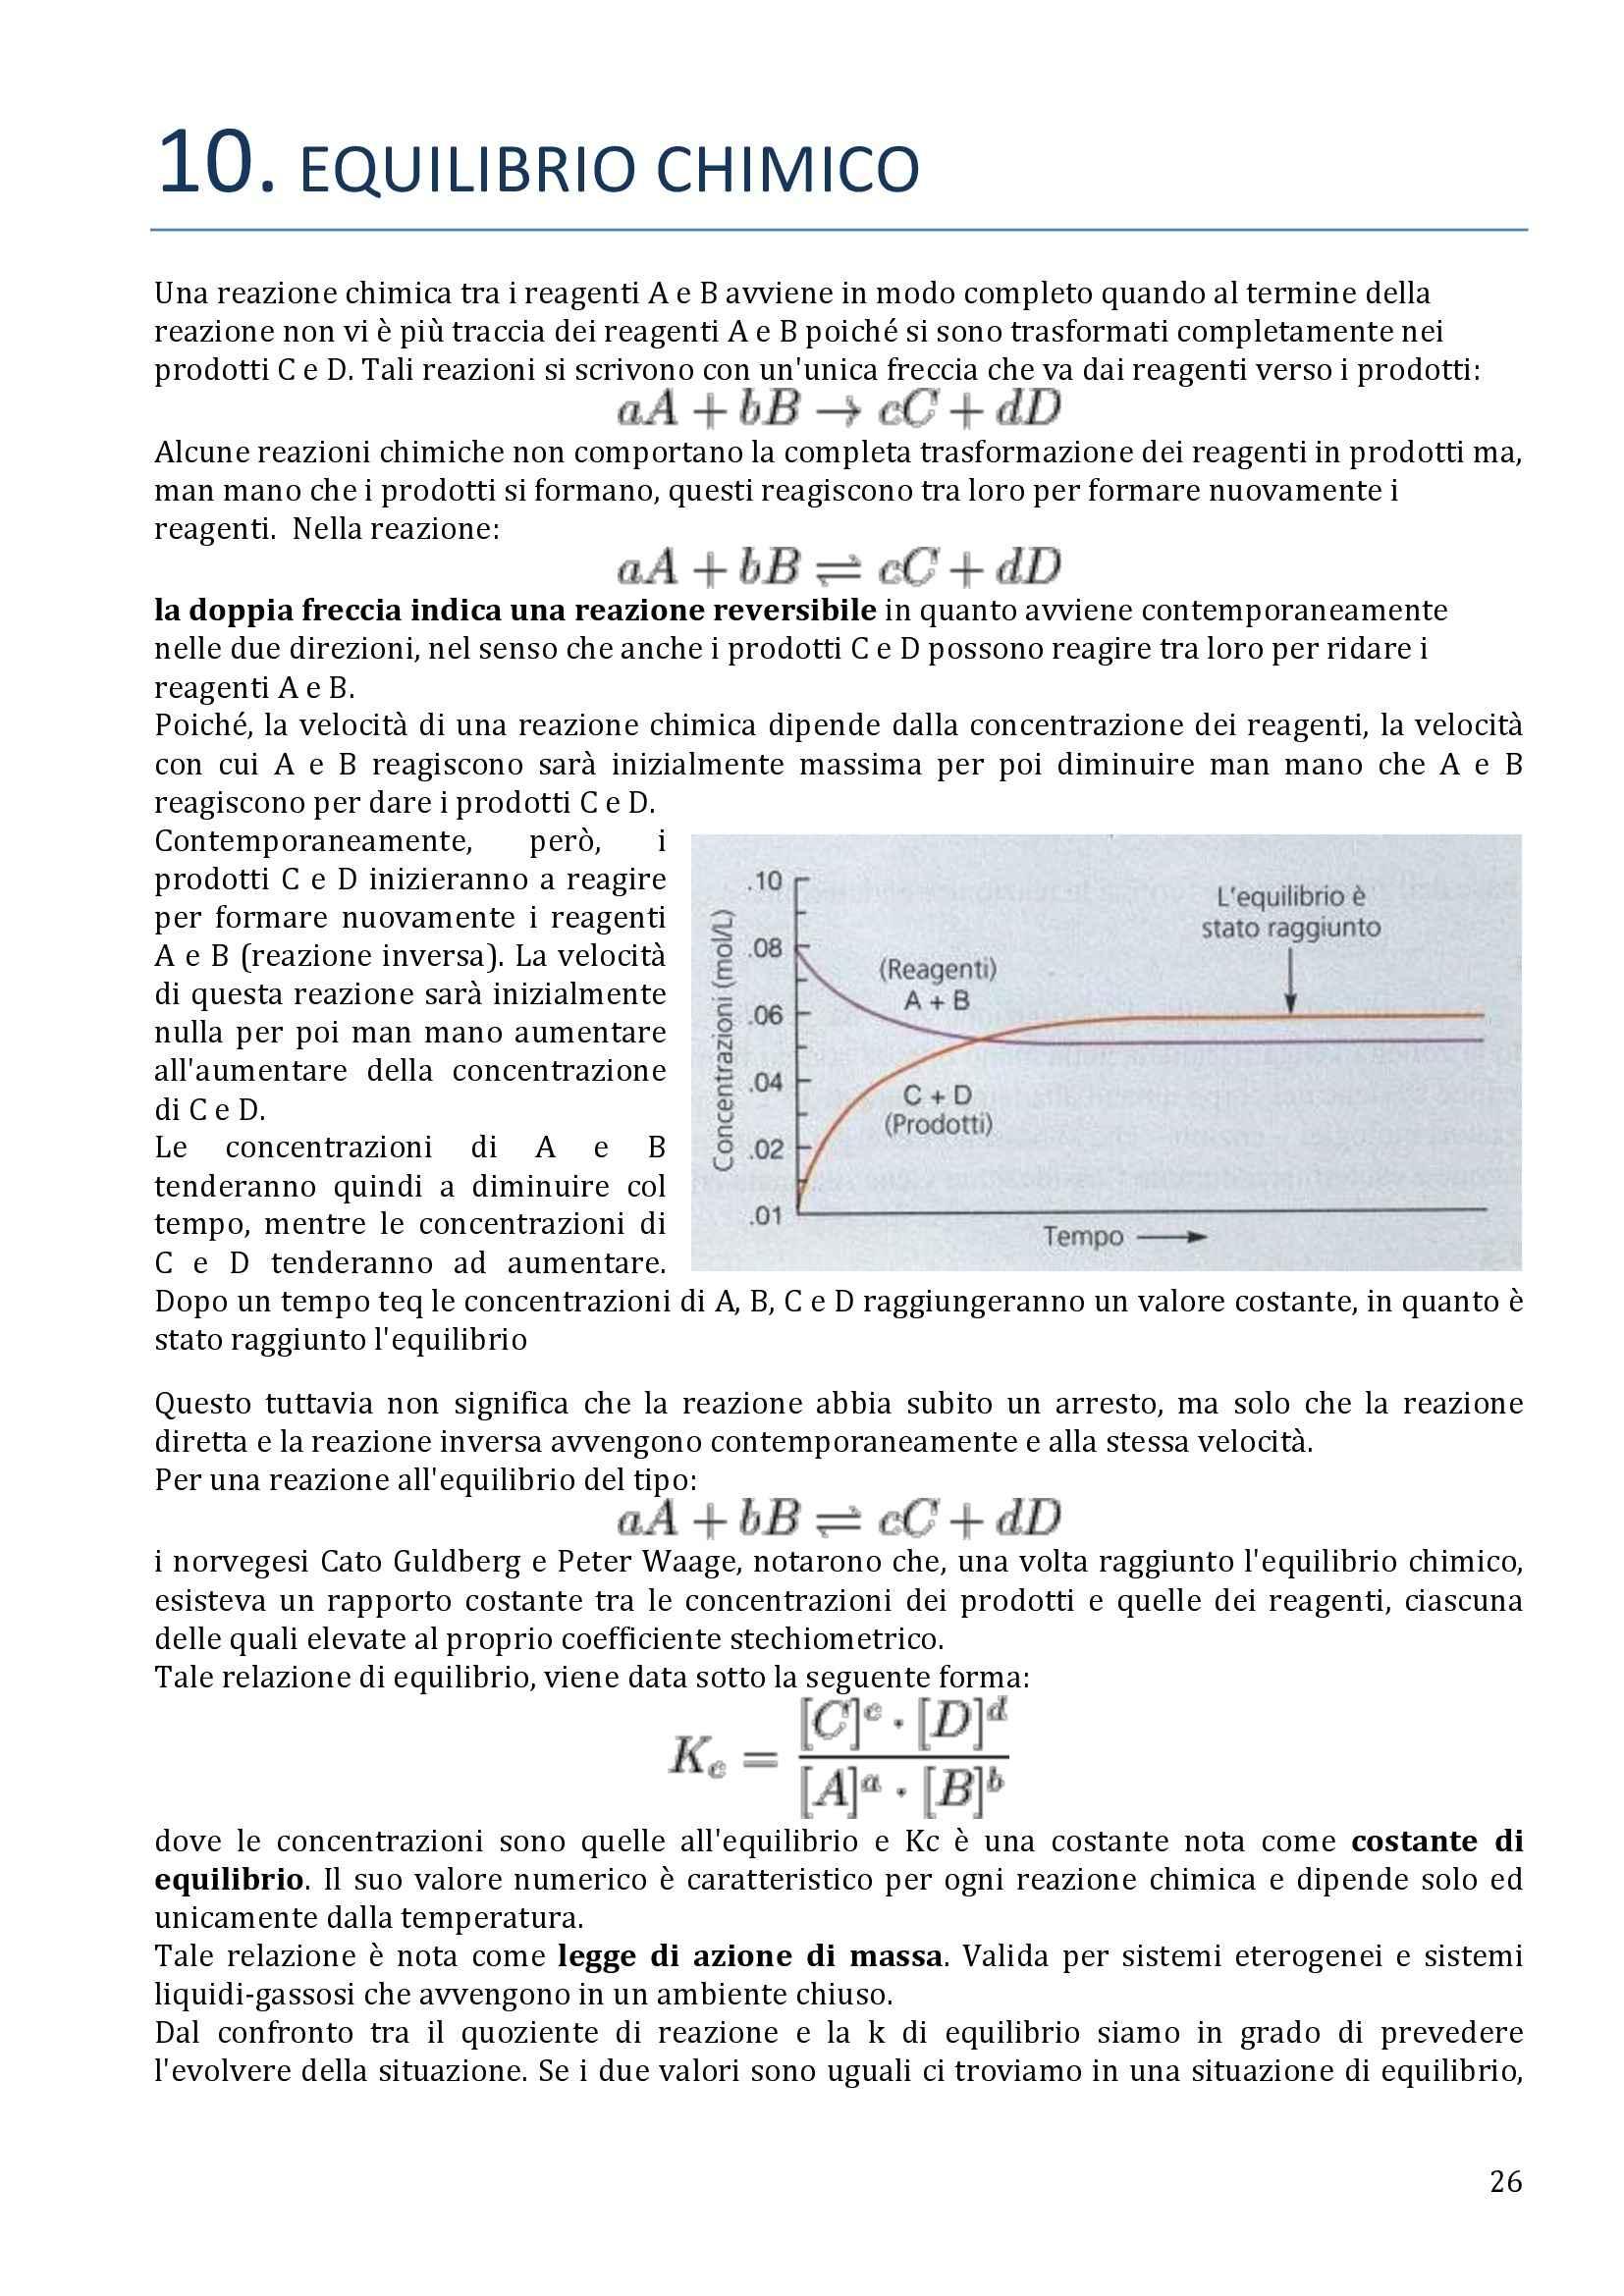 Chimica Generale e inorganica - Appunti Pag. 26